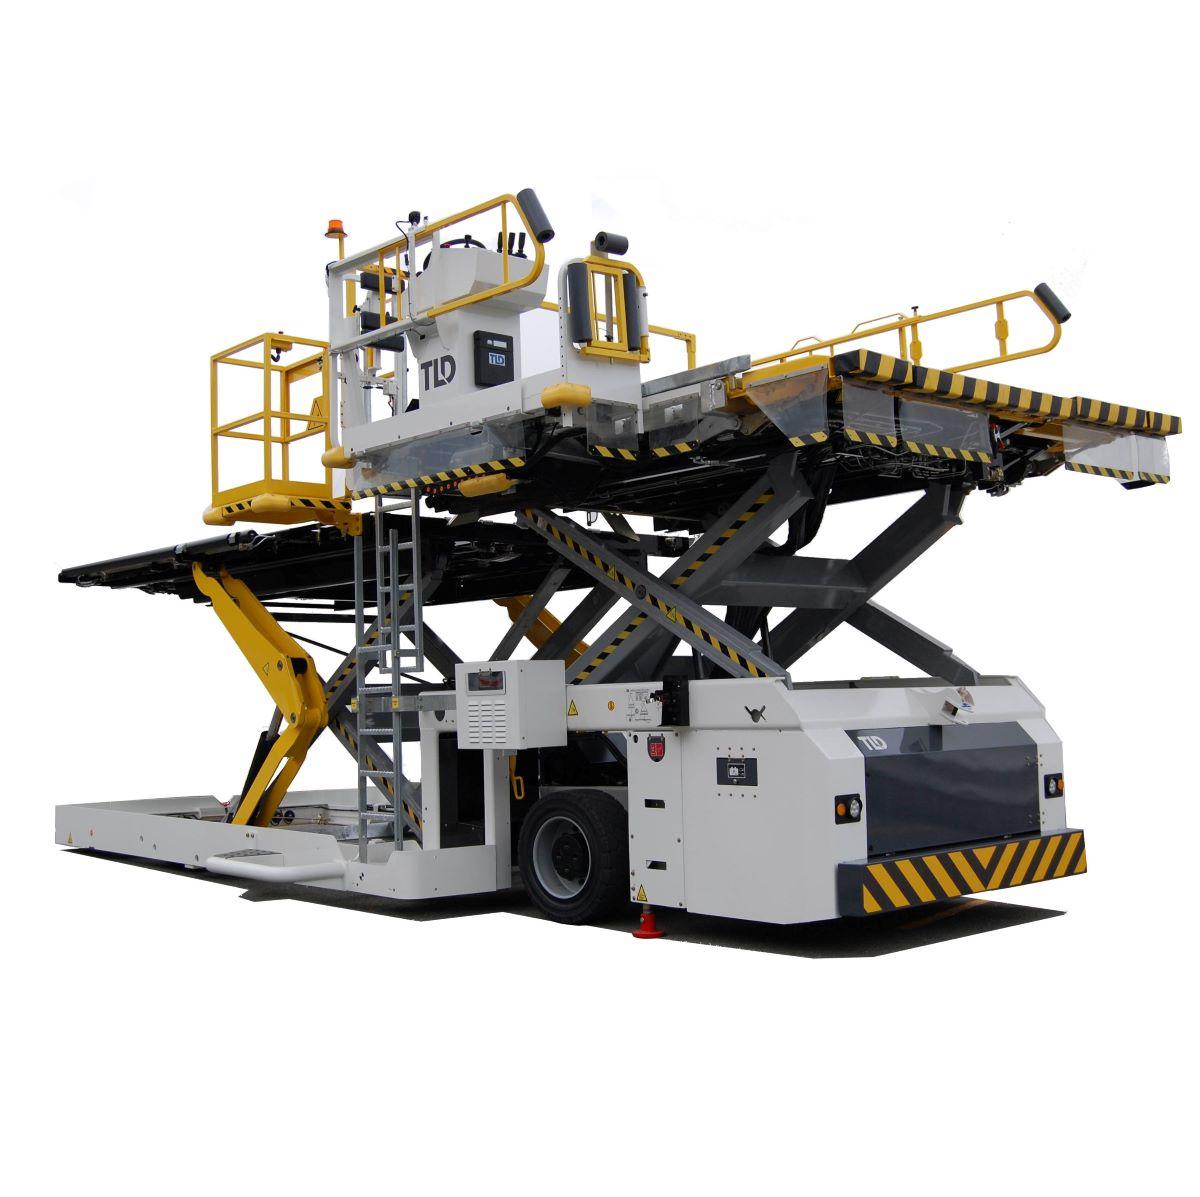 TLD TXL-838 cargo loader